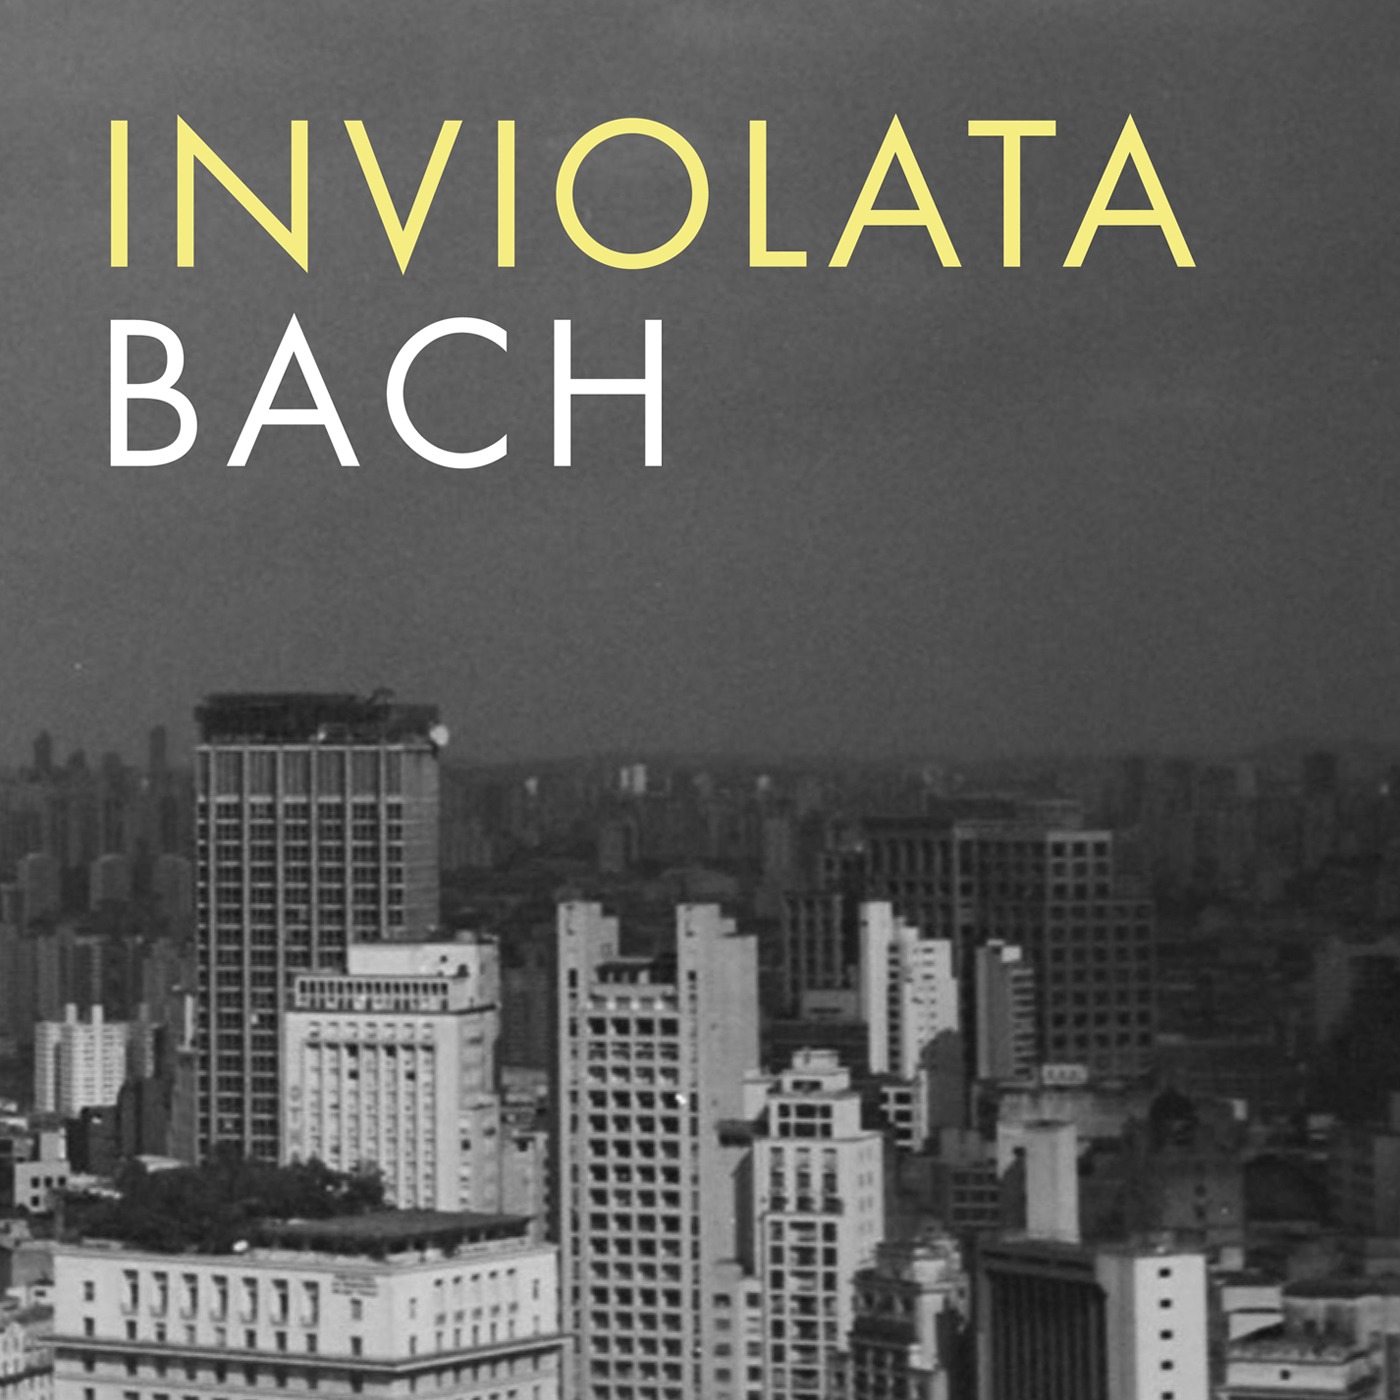 Inviolata_cover_1400x1400